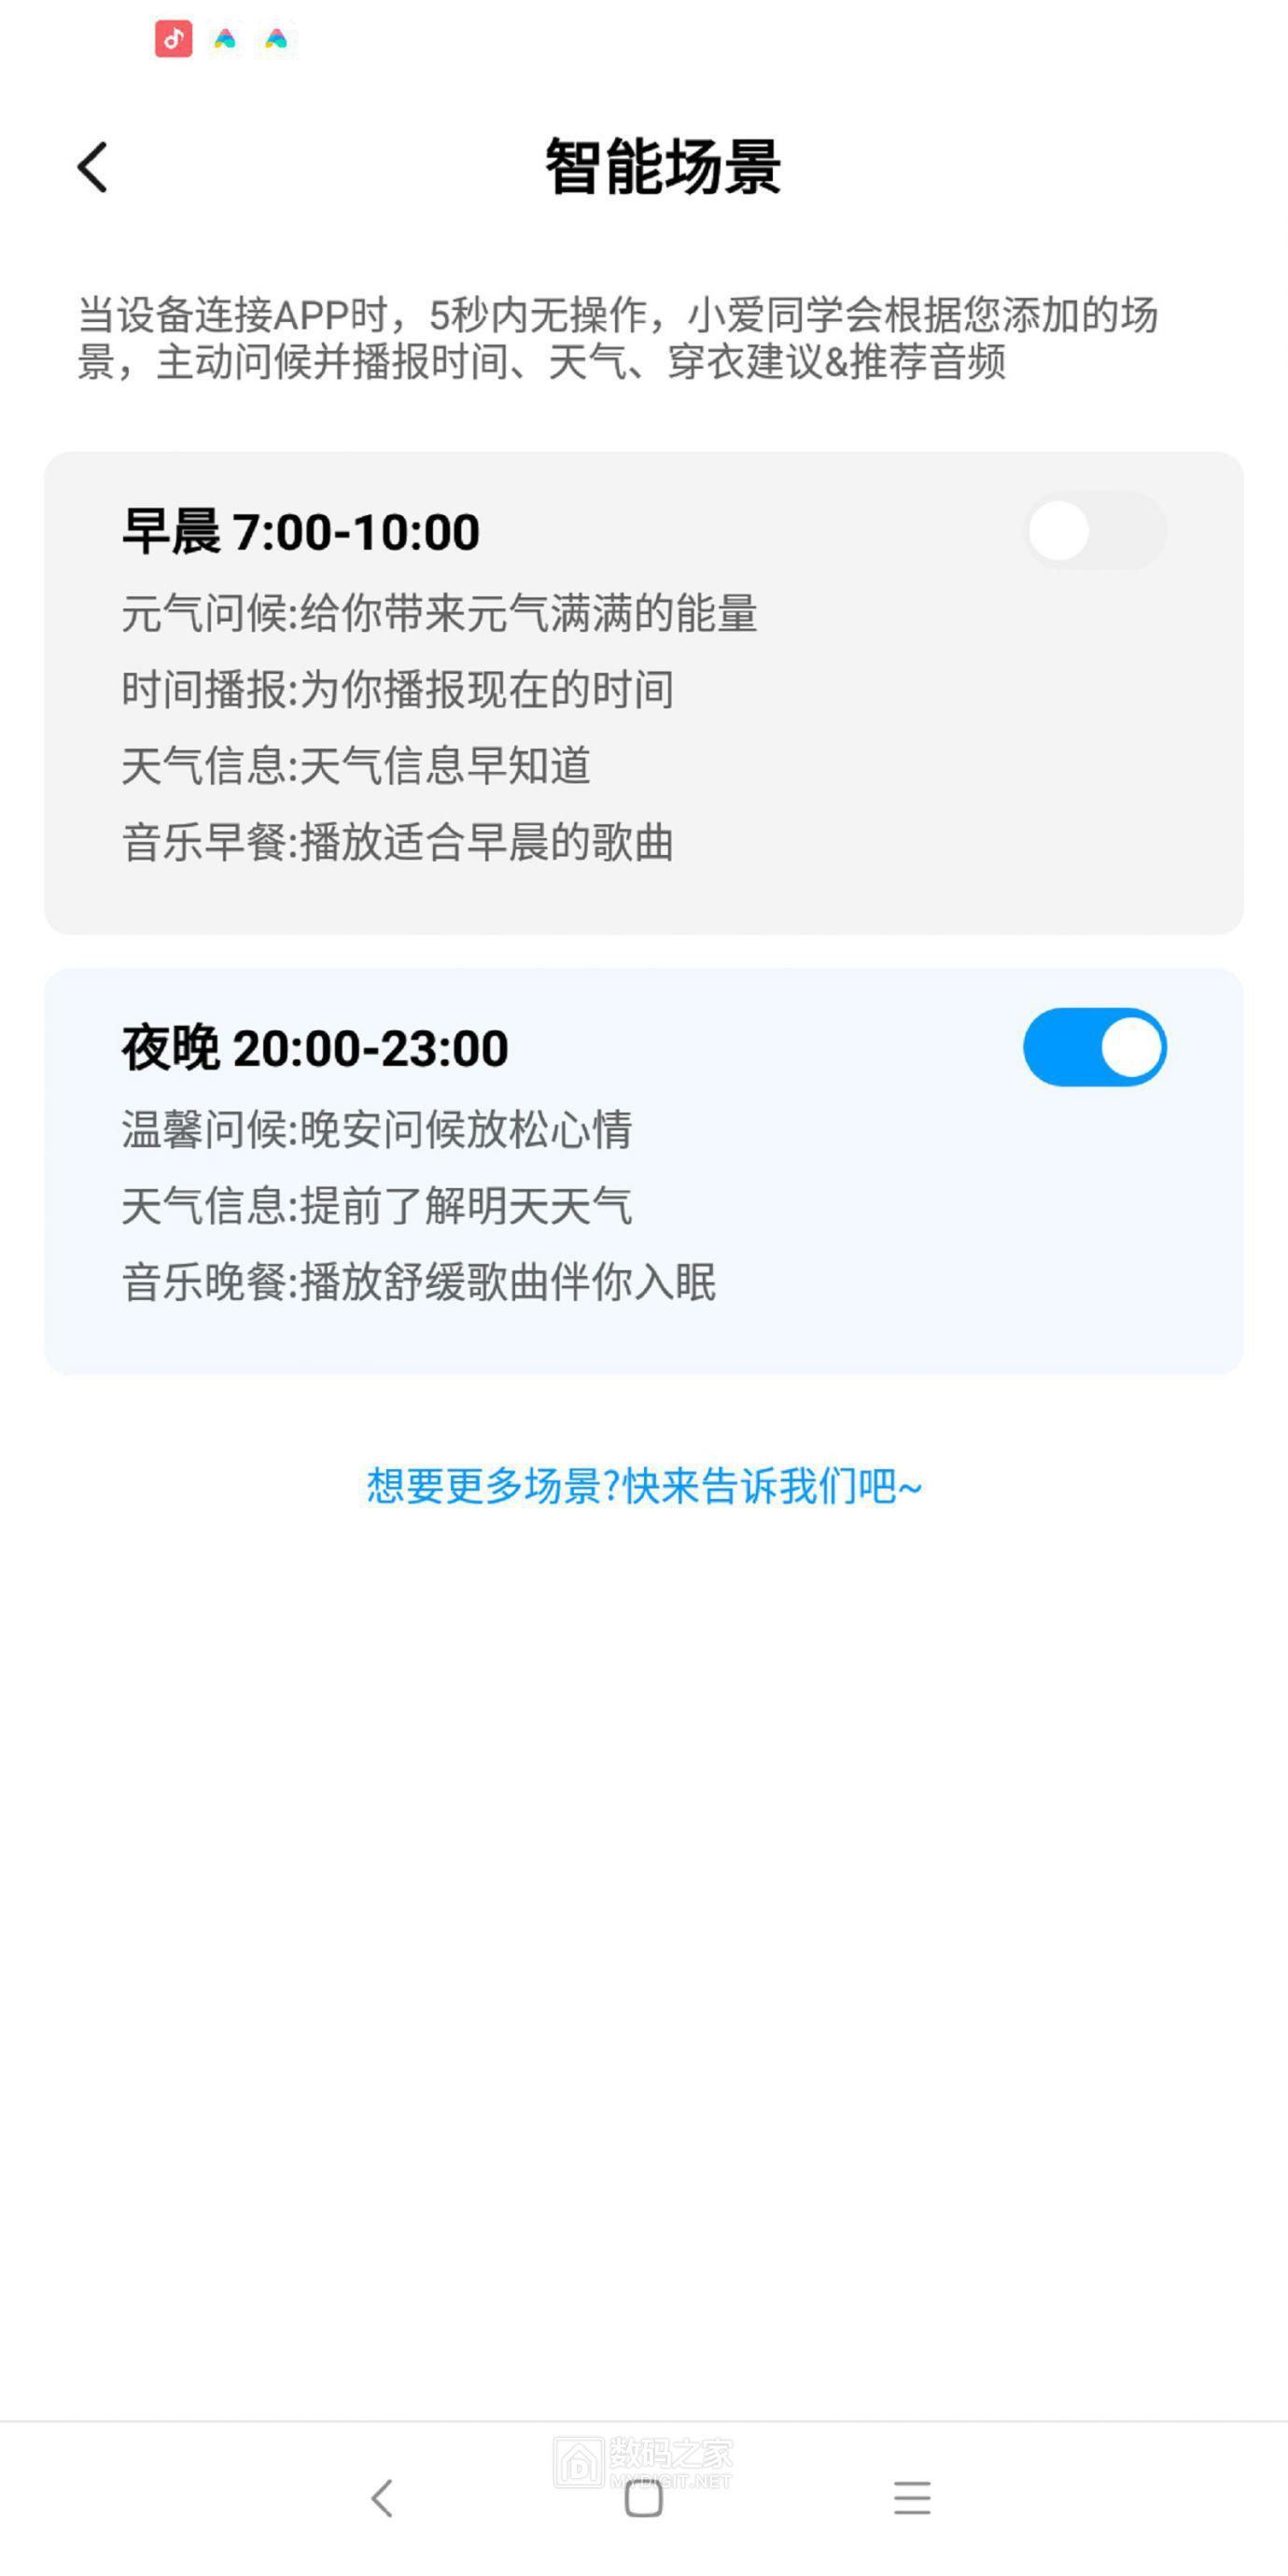 Screenshot_2021-04-16-22-22-52-408_com.xiaomi.xiaoailite.jpg